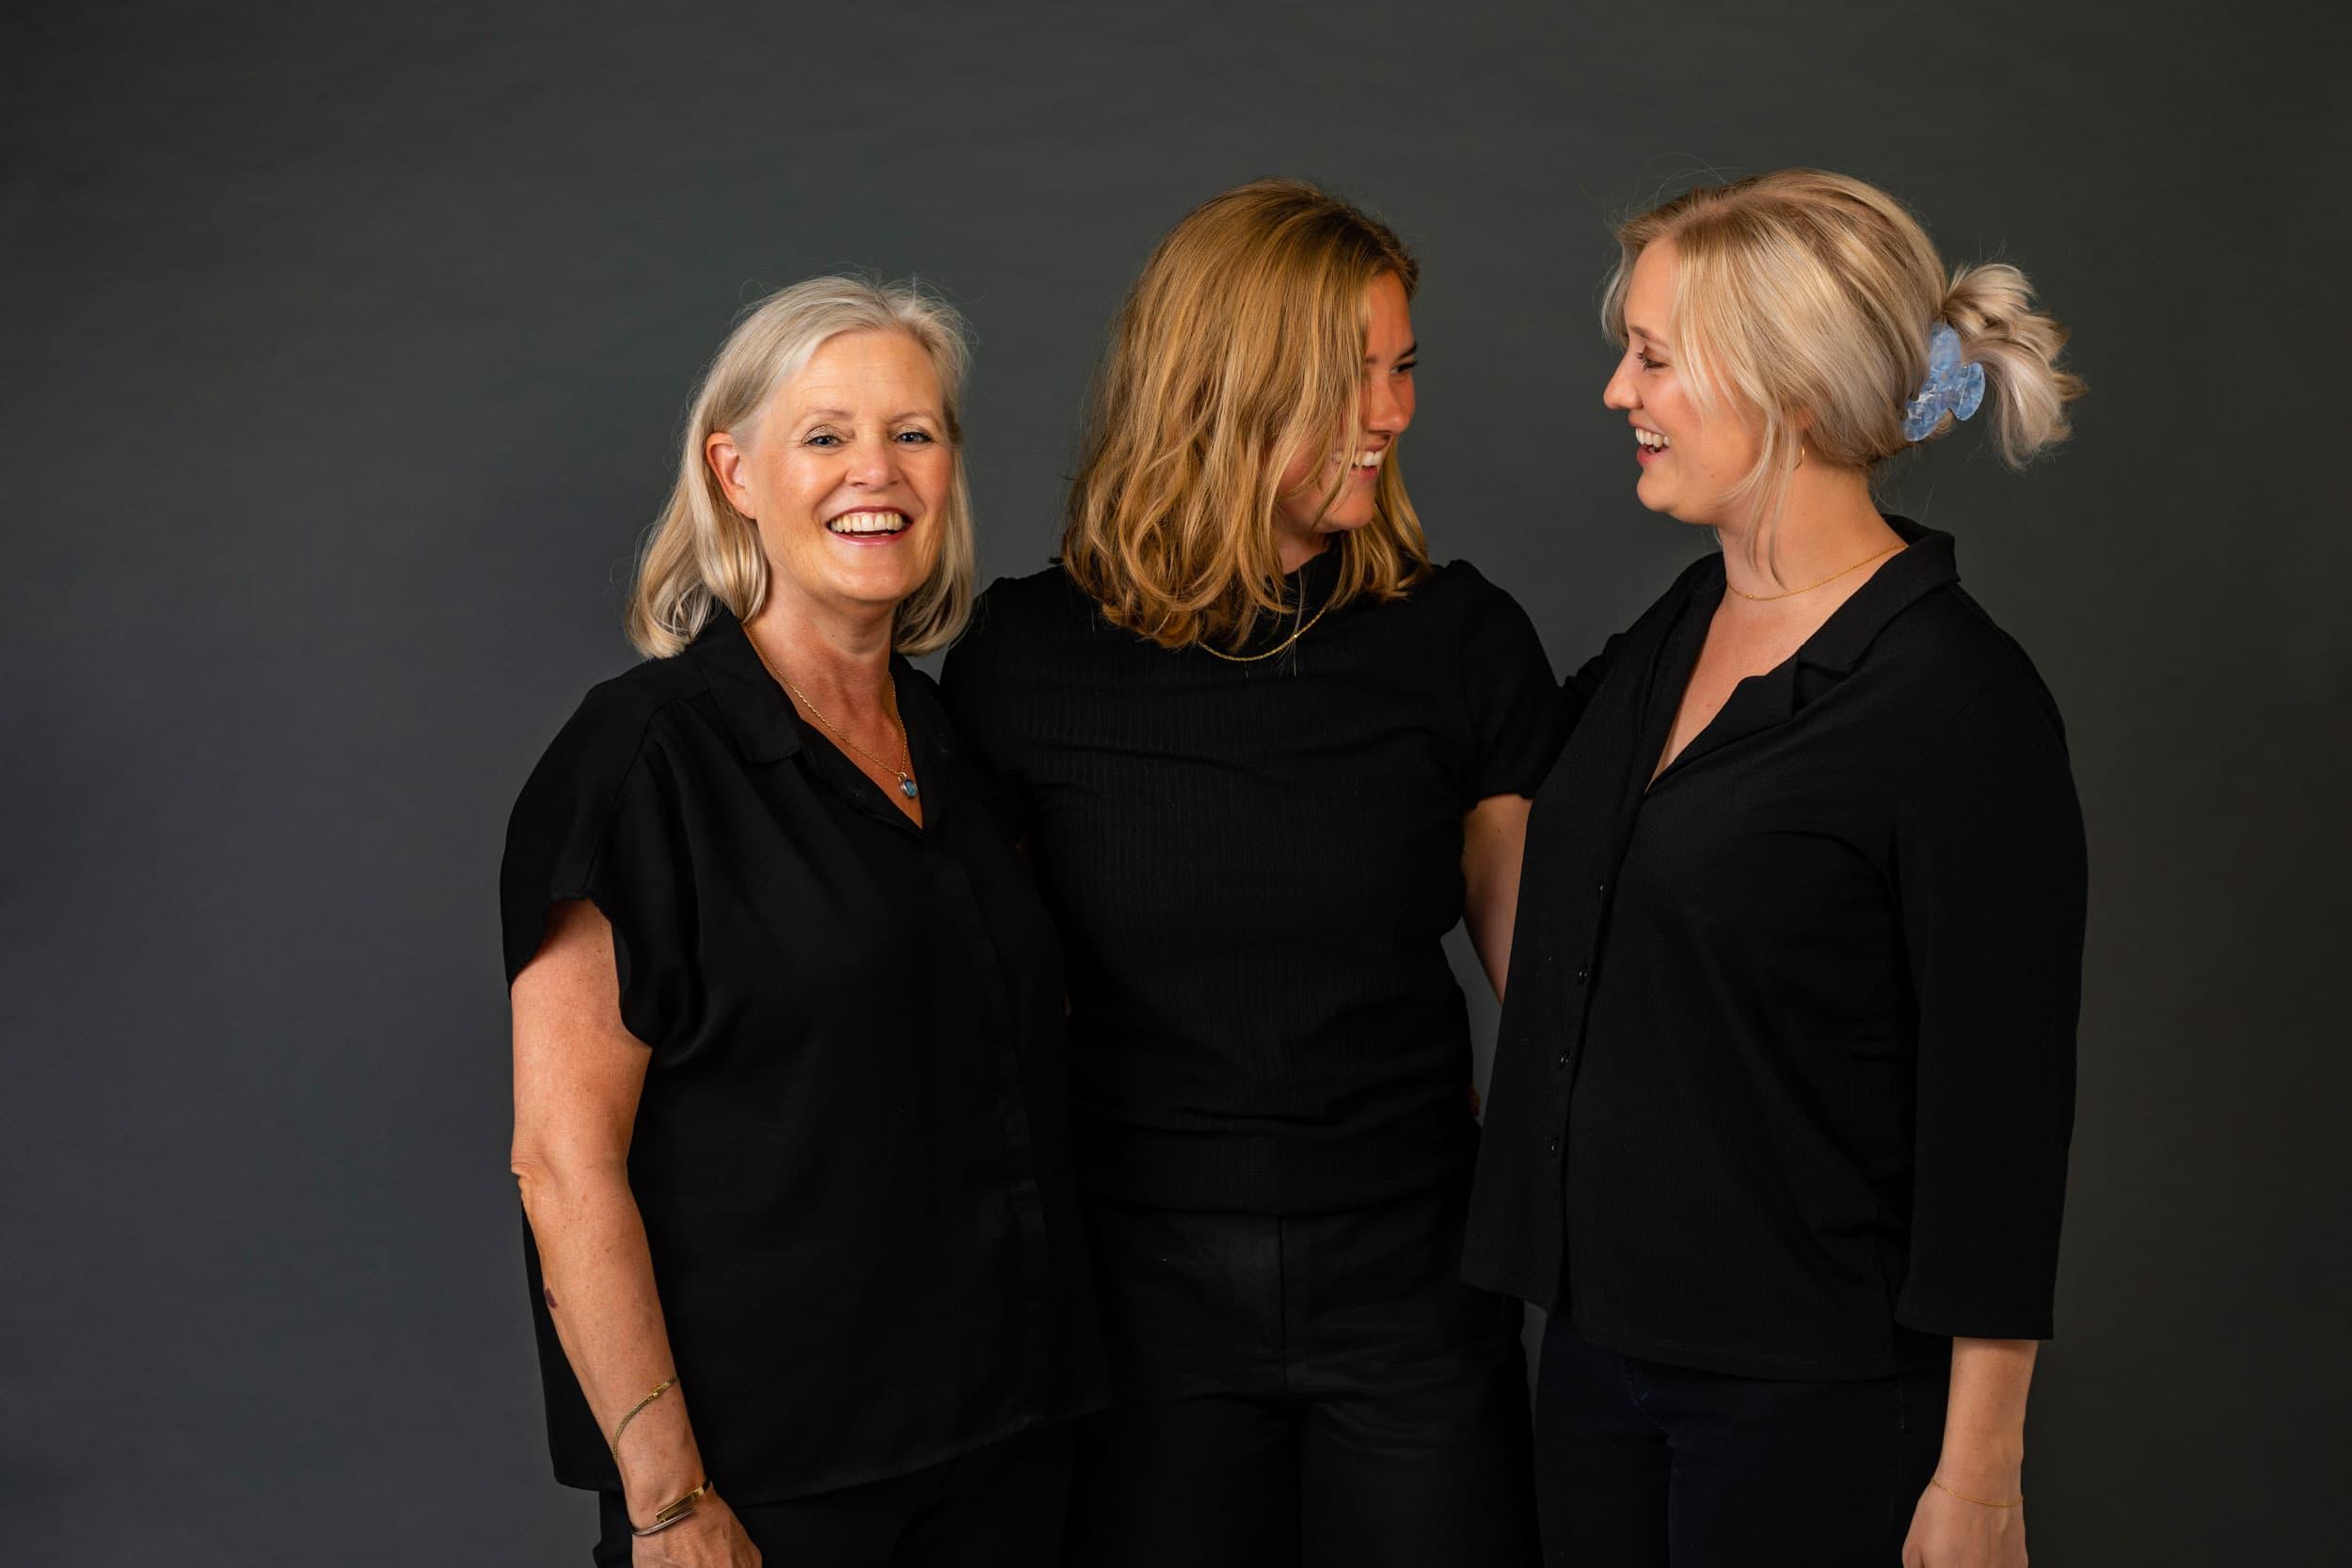 Kvinder, familiebillede hos fotograf